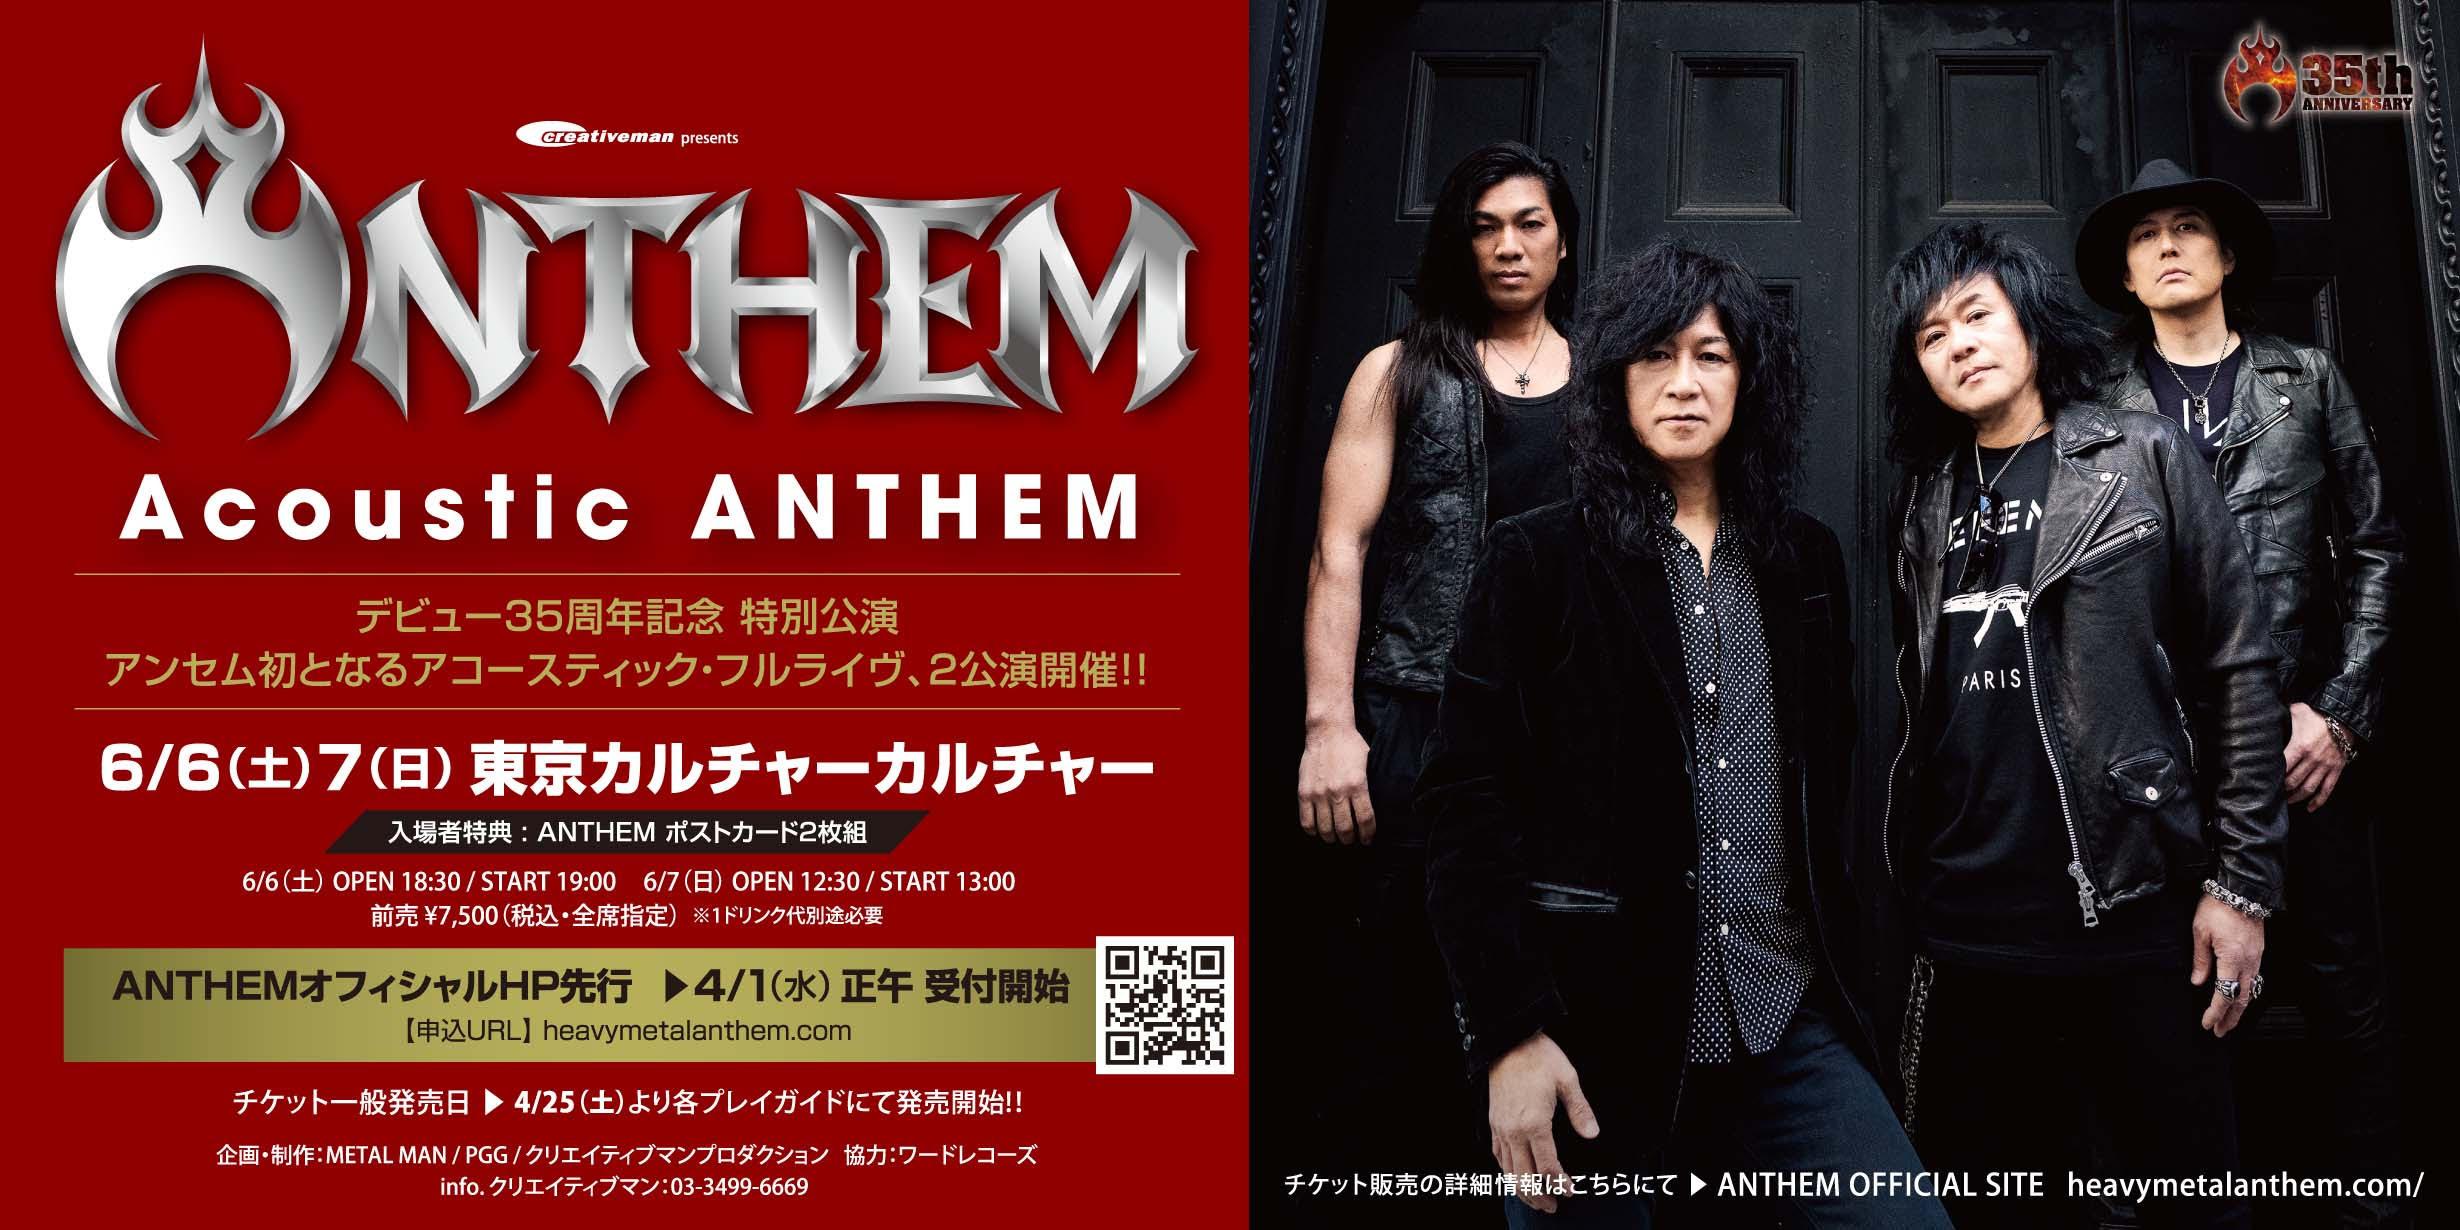 【開催中止】~ANTHEM 35th Anniversary~ Acoustic ANTHEM